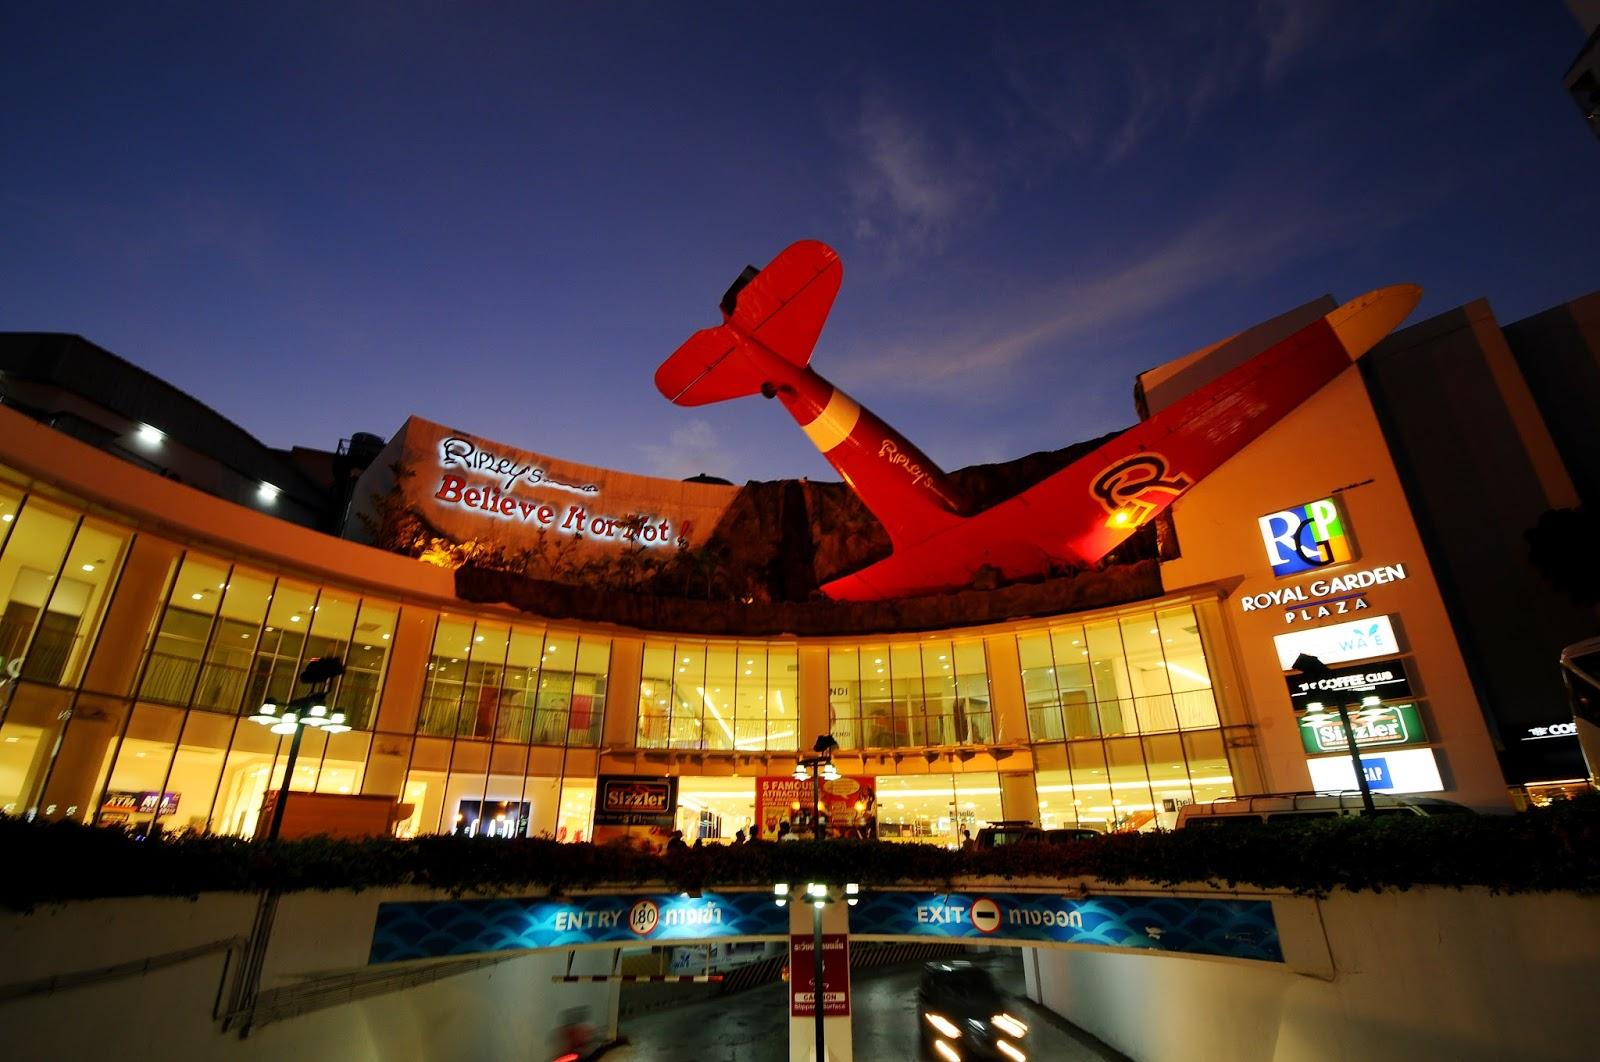 Khám phá Trung tâm thương mại Royal Garden Plaza